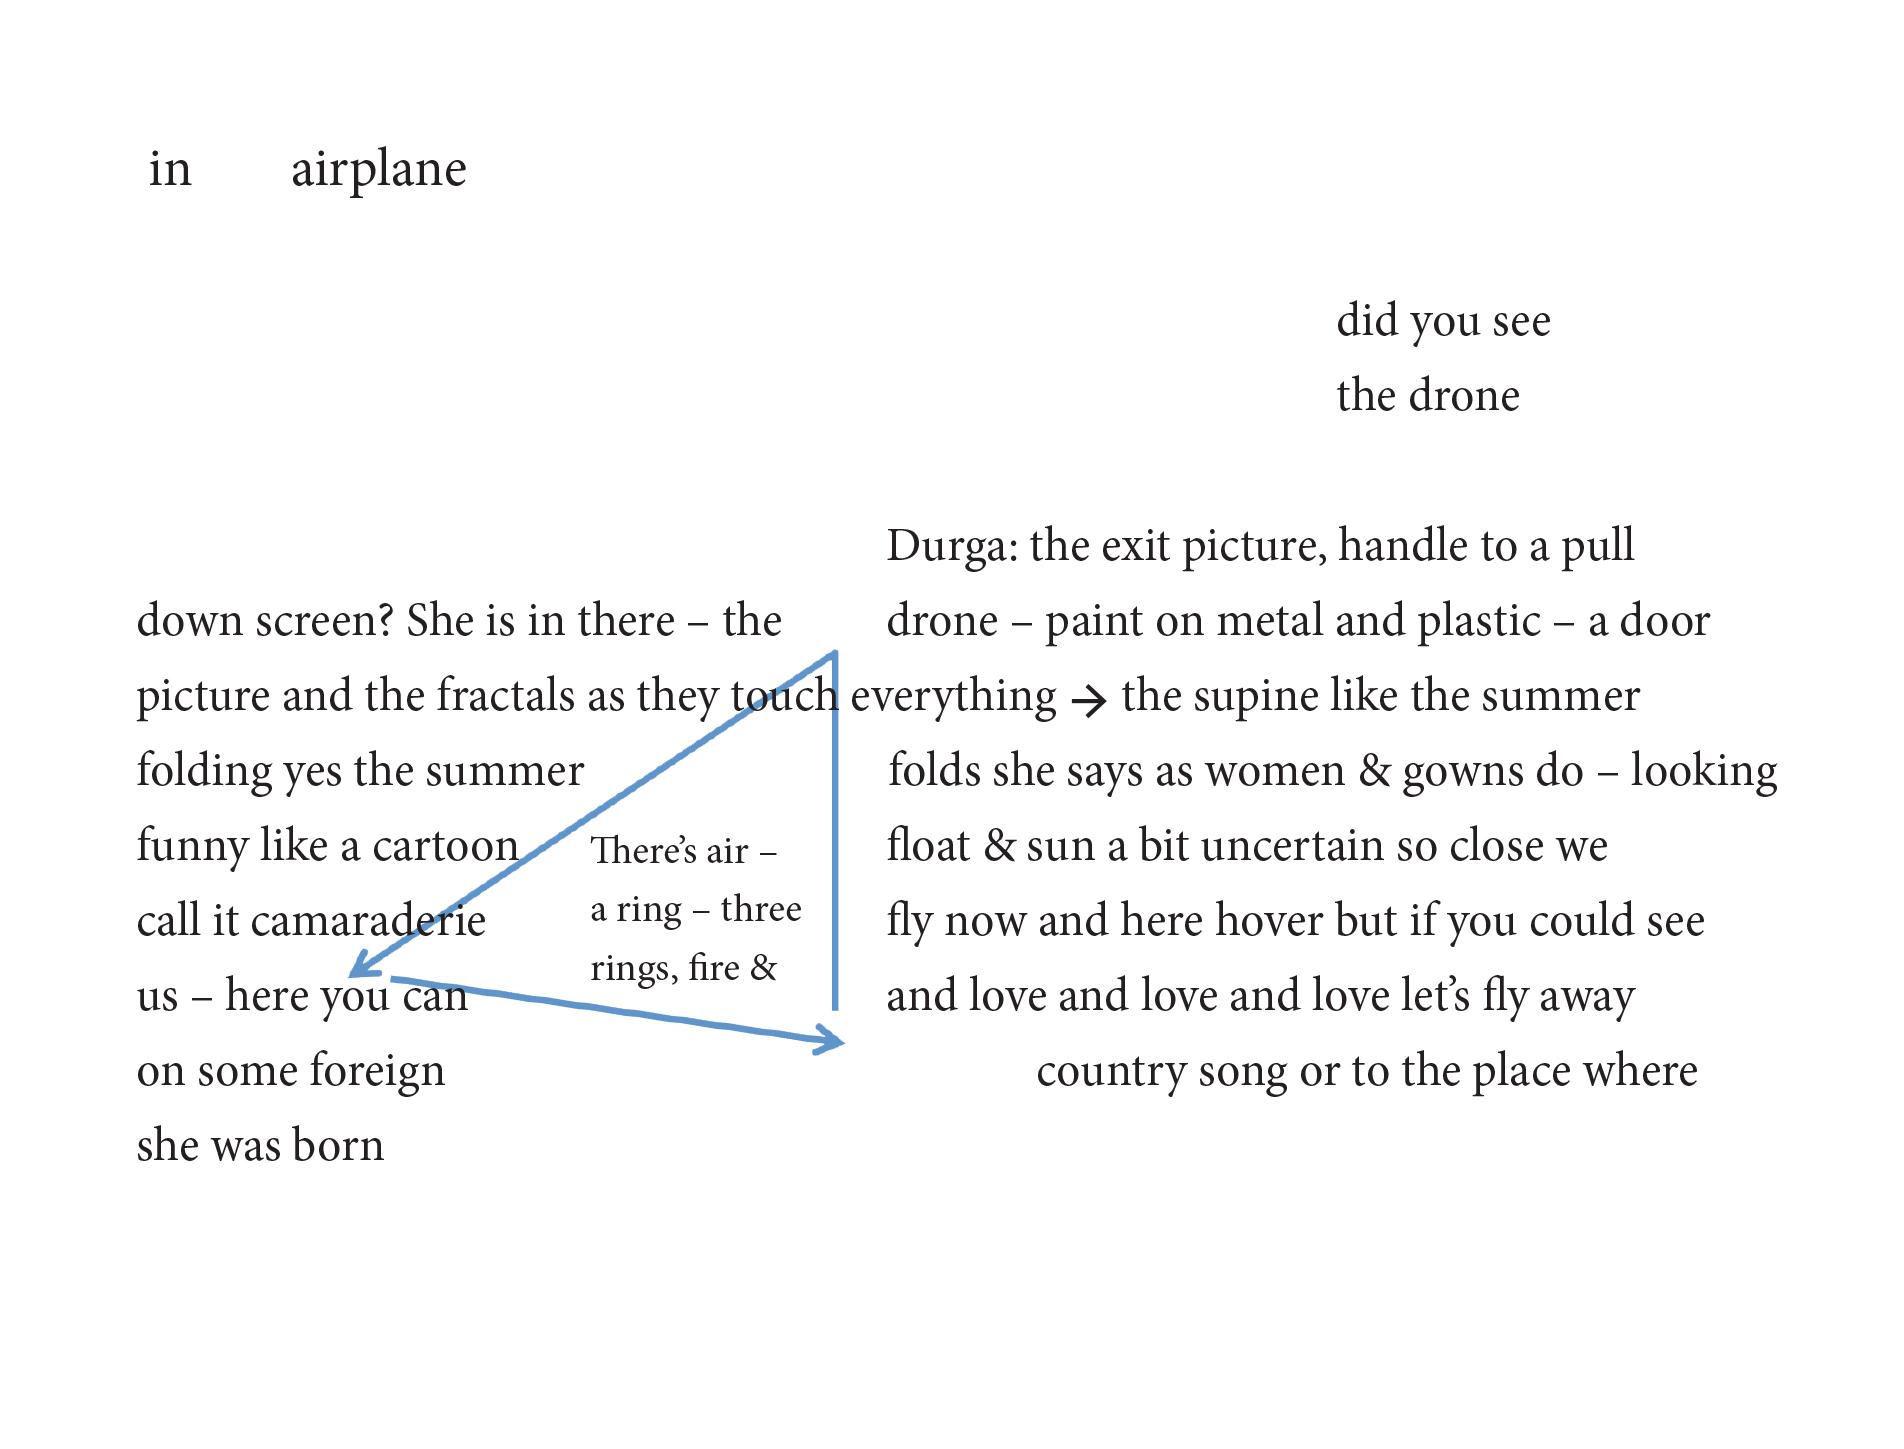 patel-in-airplane-sample.jpg